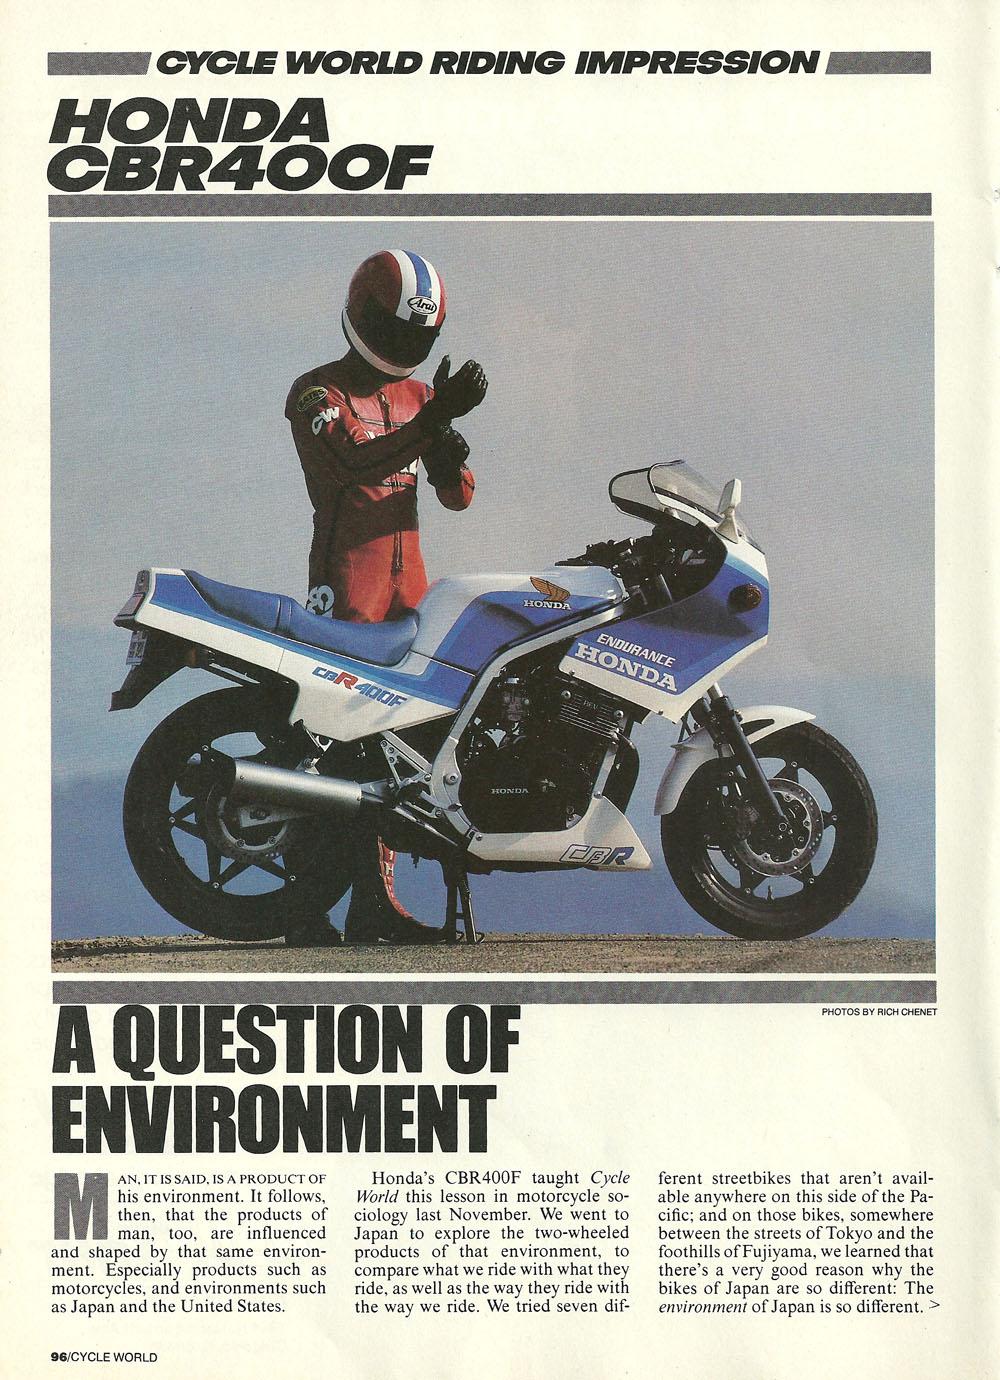 1985 Honda CBR400F road test 01.jpg